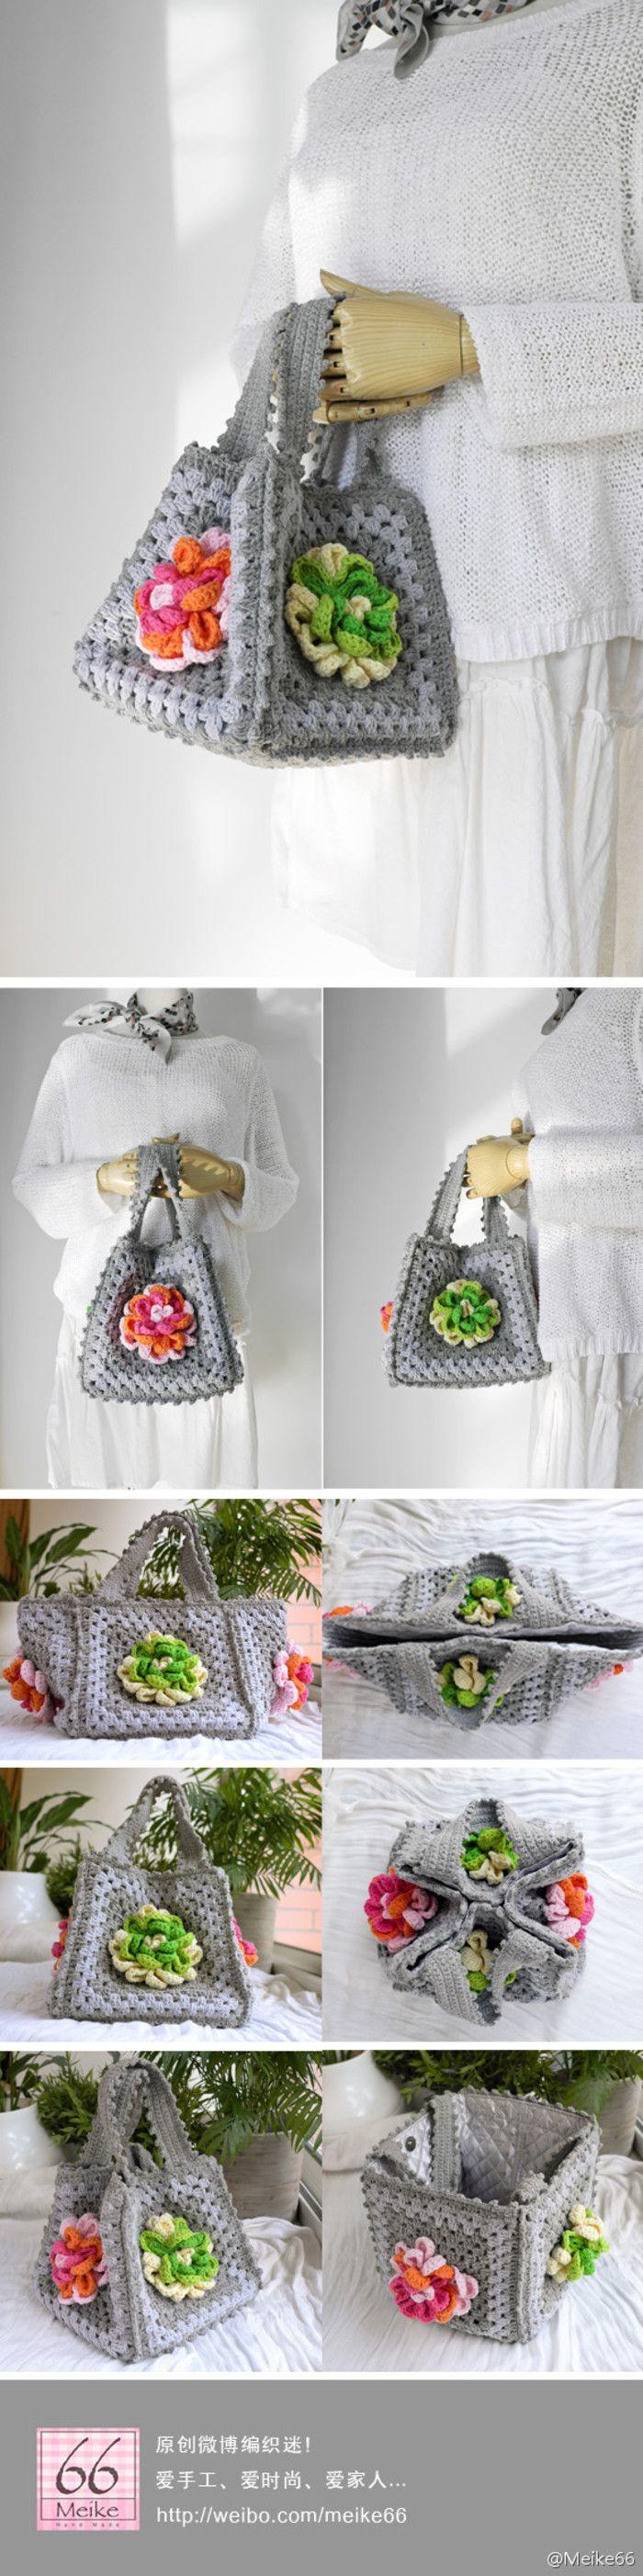 Mejores 802 imágenes de bags en Pinterest | Billeteras, Bolsas y ...